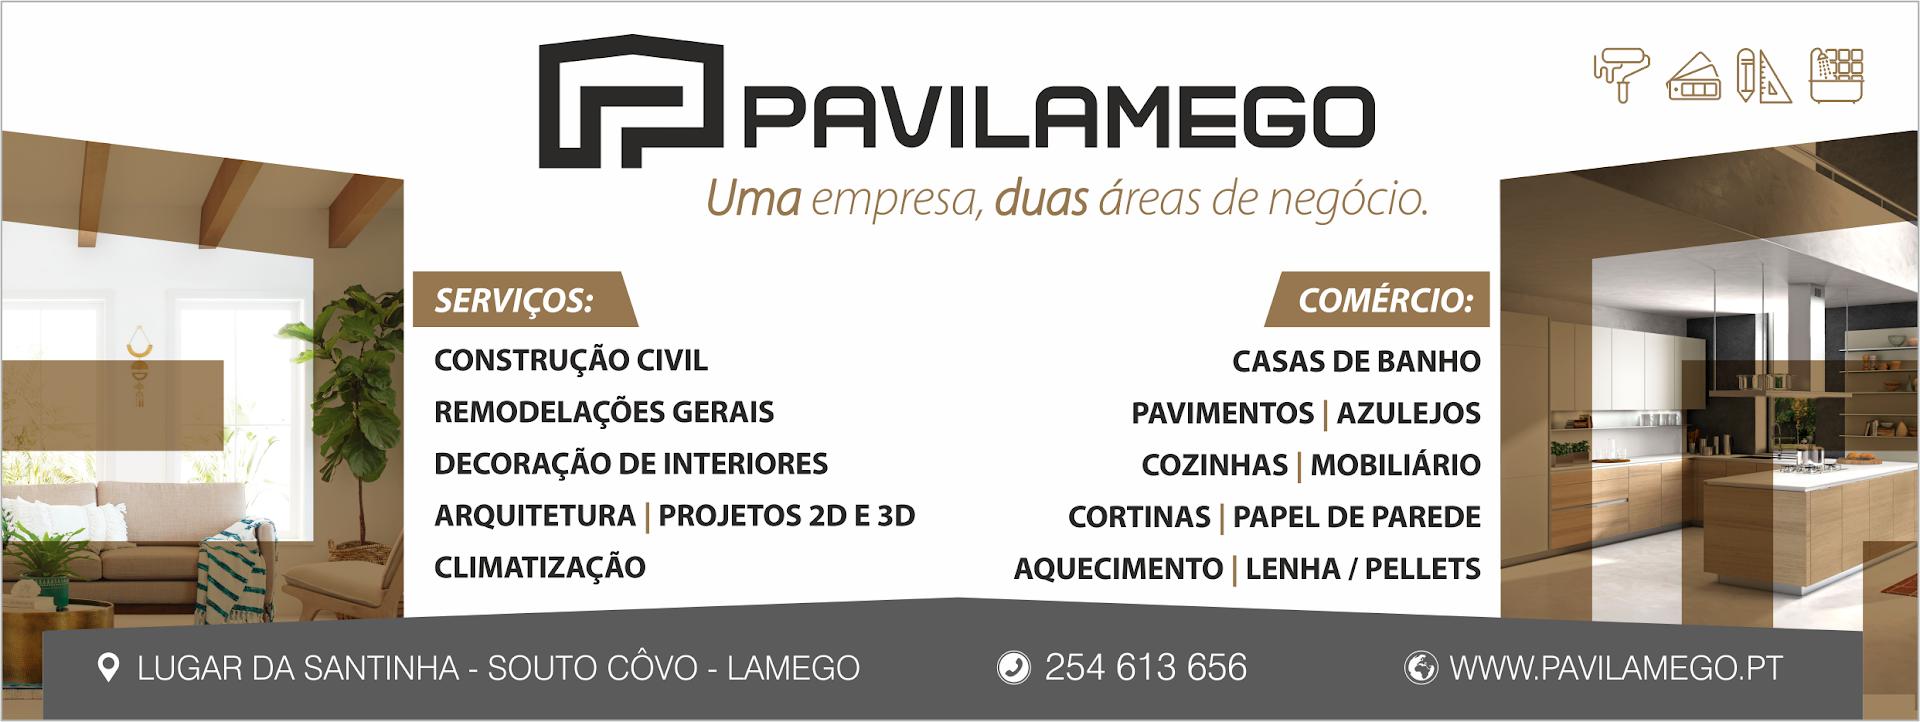 Outdoor 8x3 Pavilamego - prod